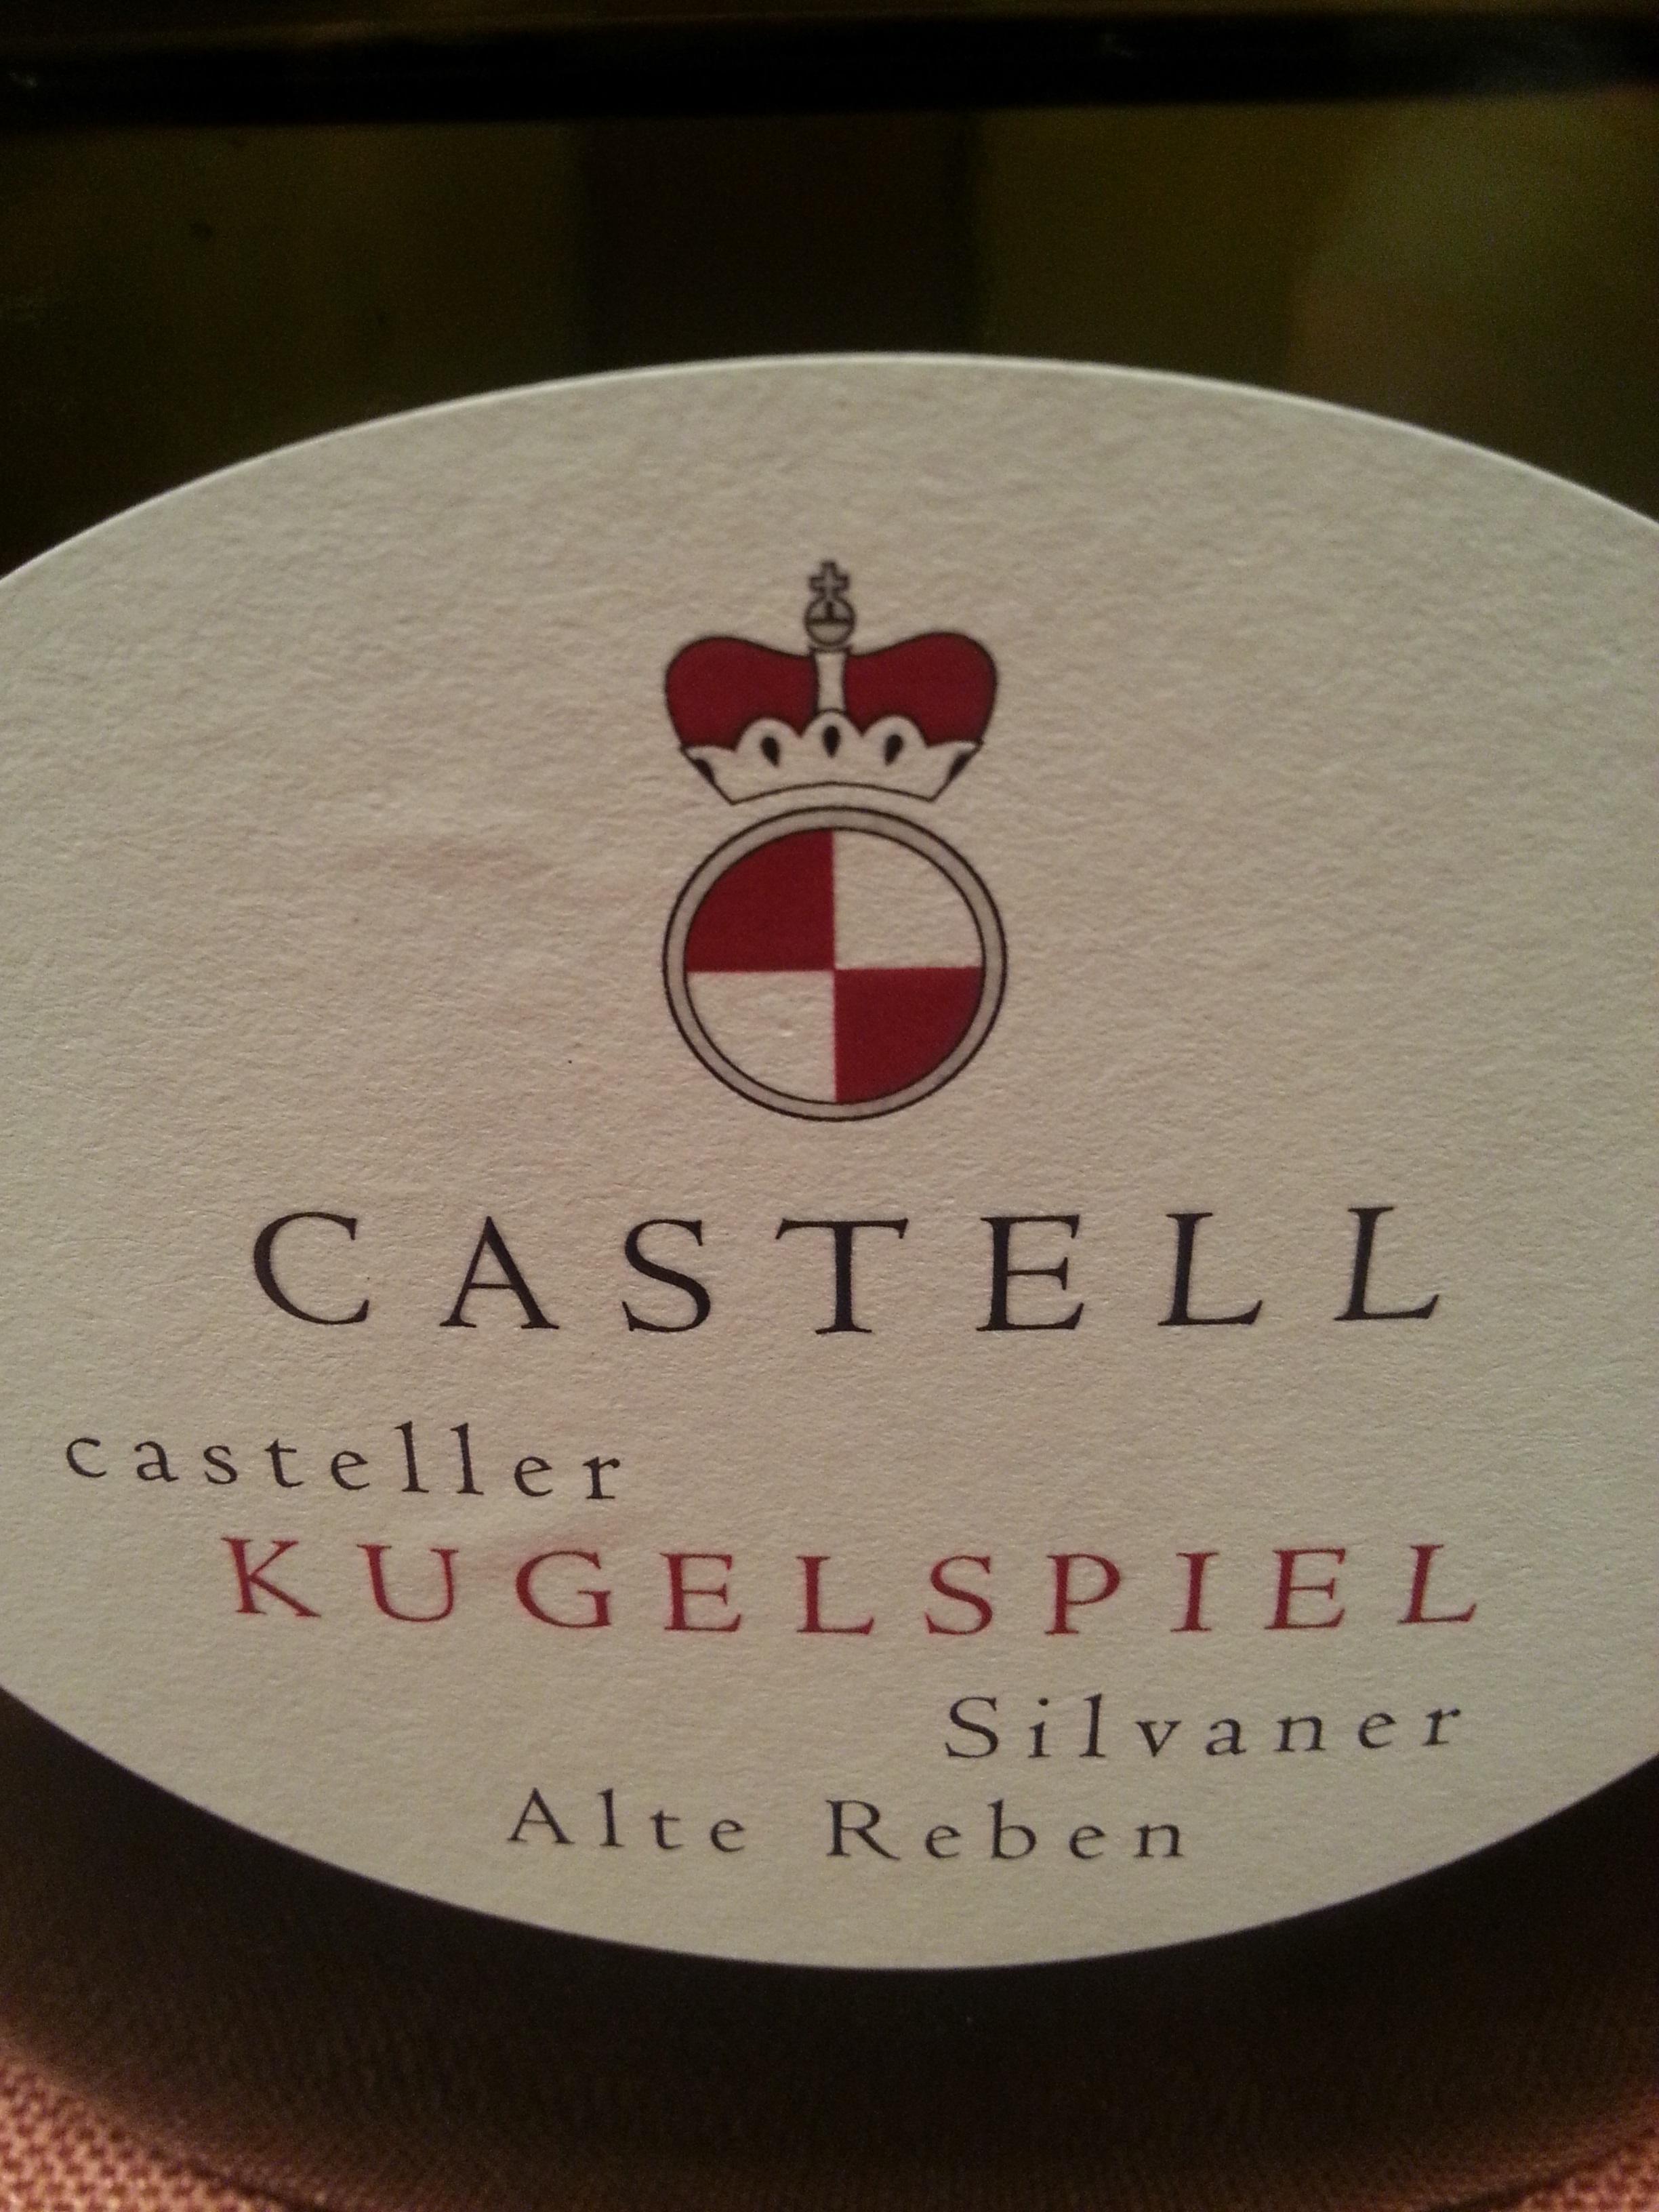 2016 Silvaner Kugelspiel | Castell